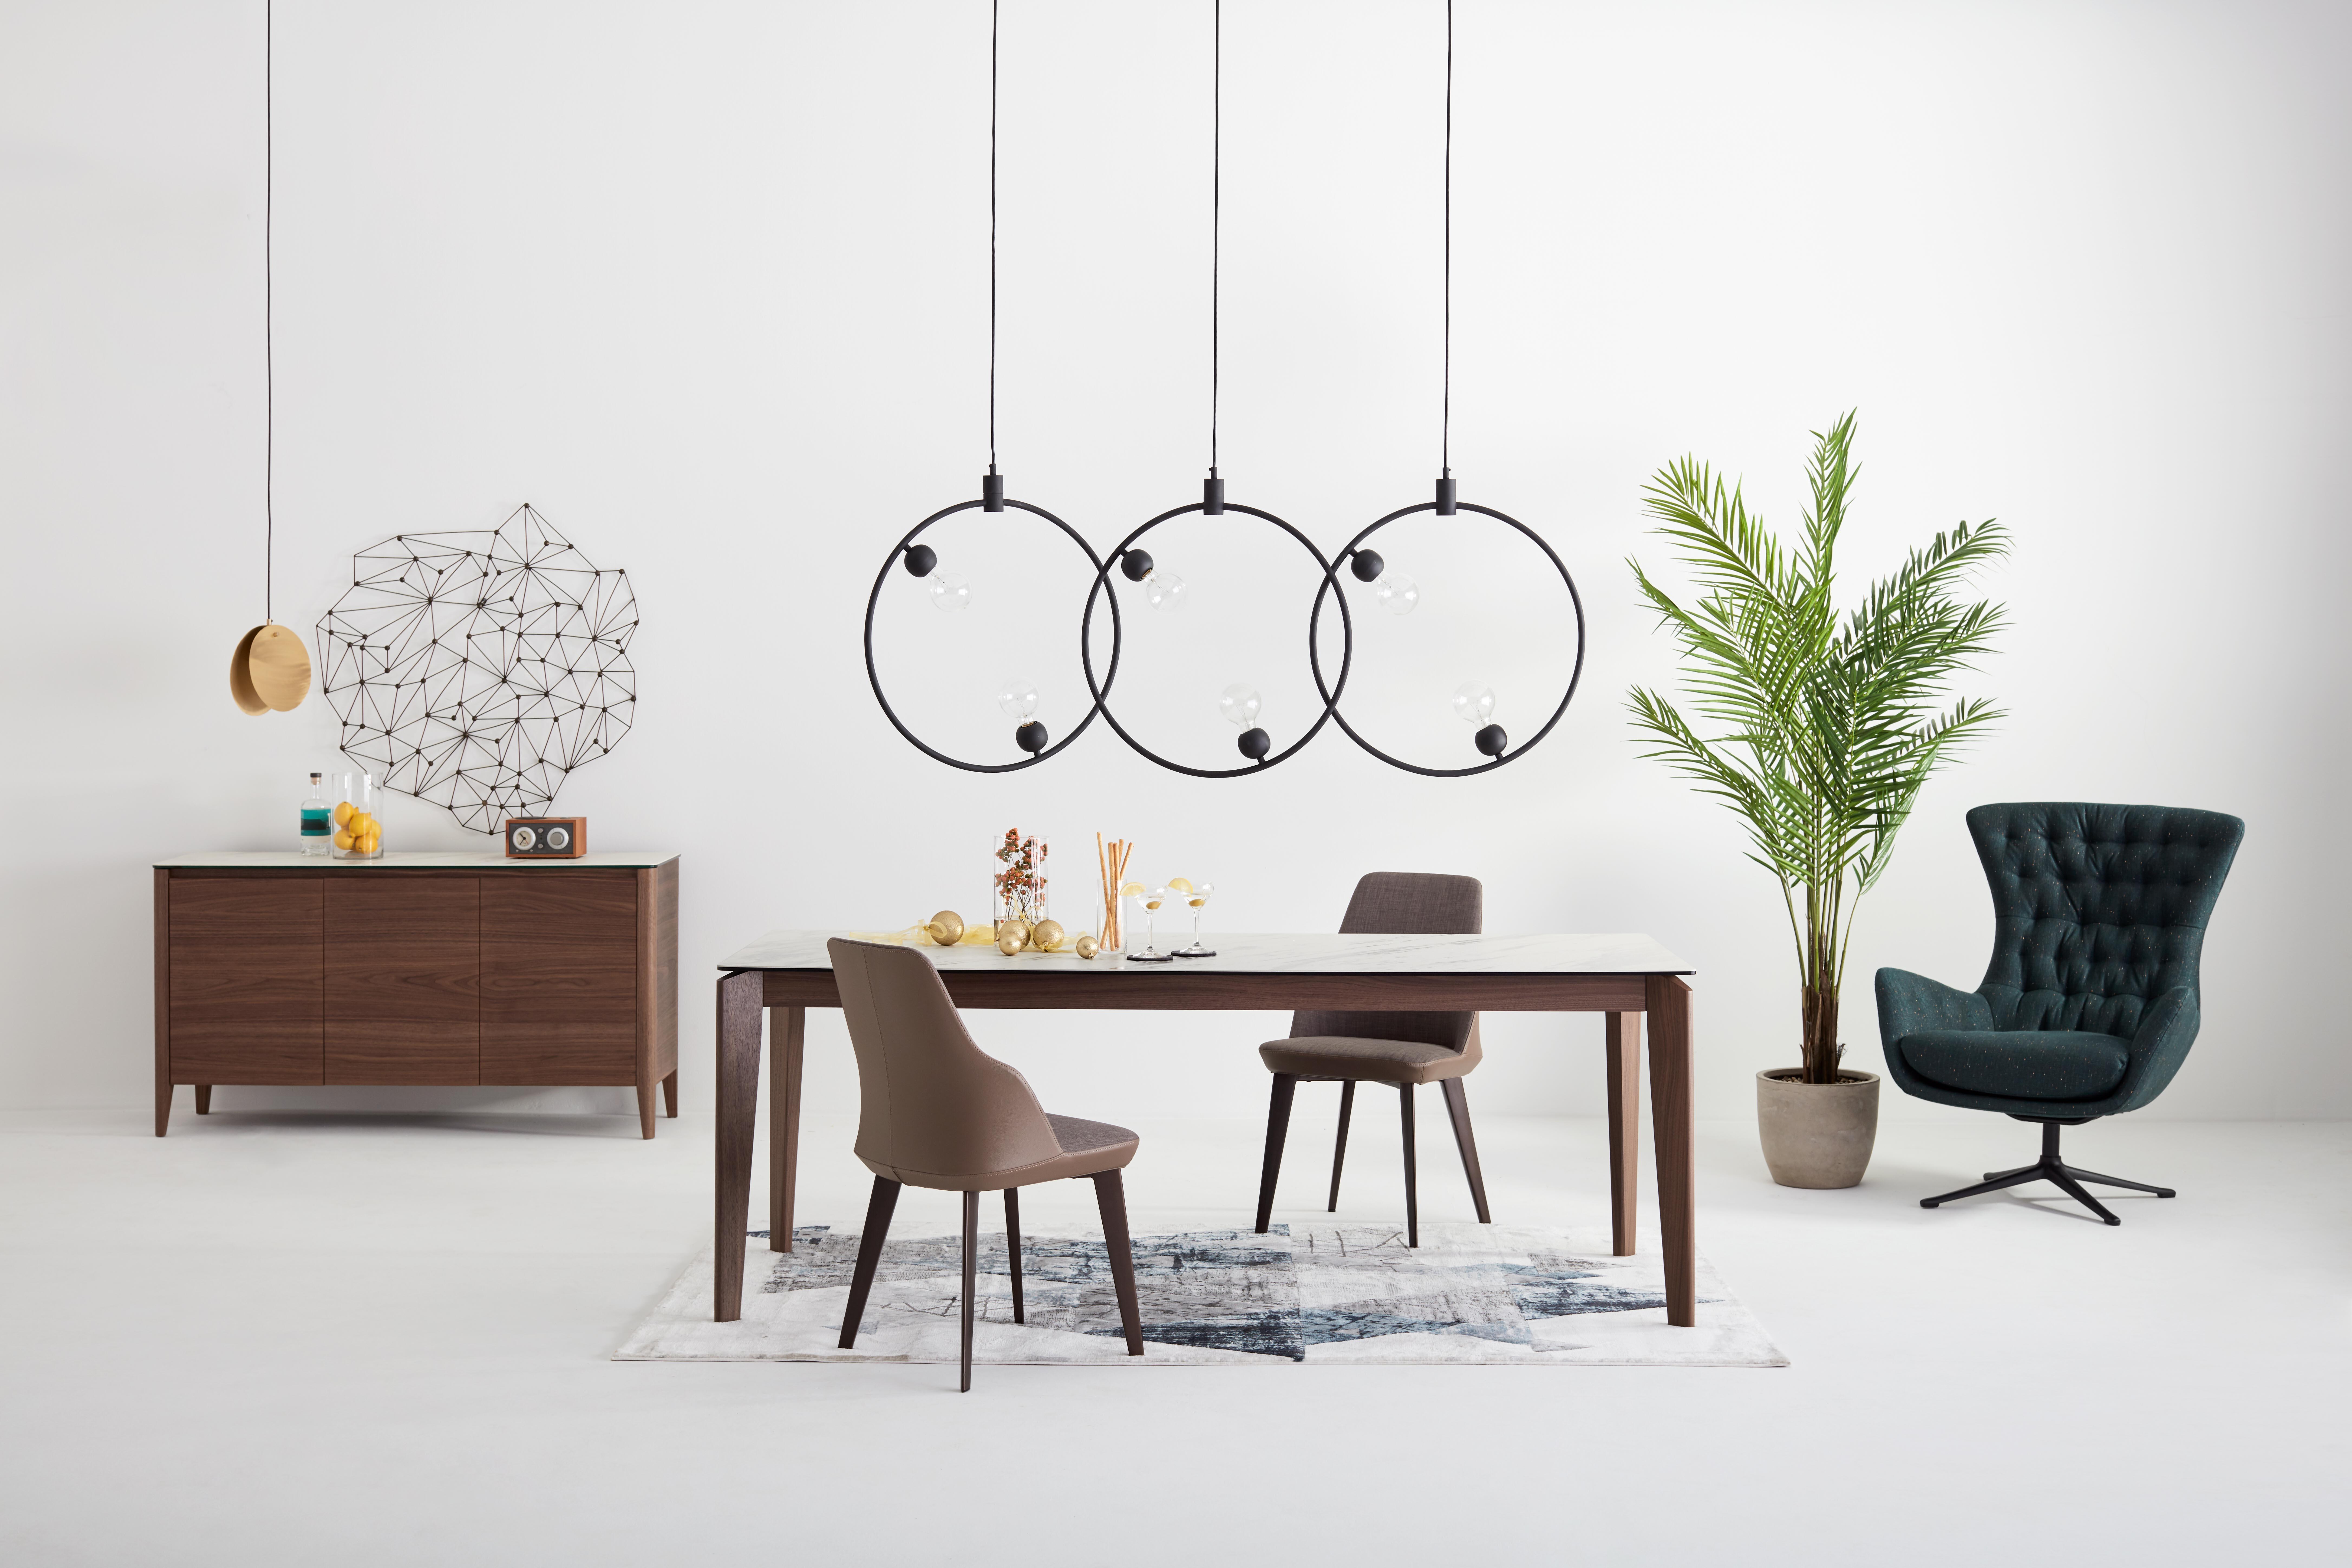 Luminaire Salle A Manger Tendance 2017 choisir le bon type d'éclairage pour votre maison | mobilia